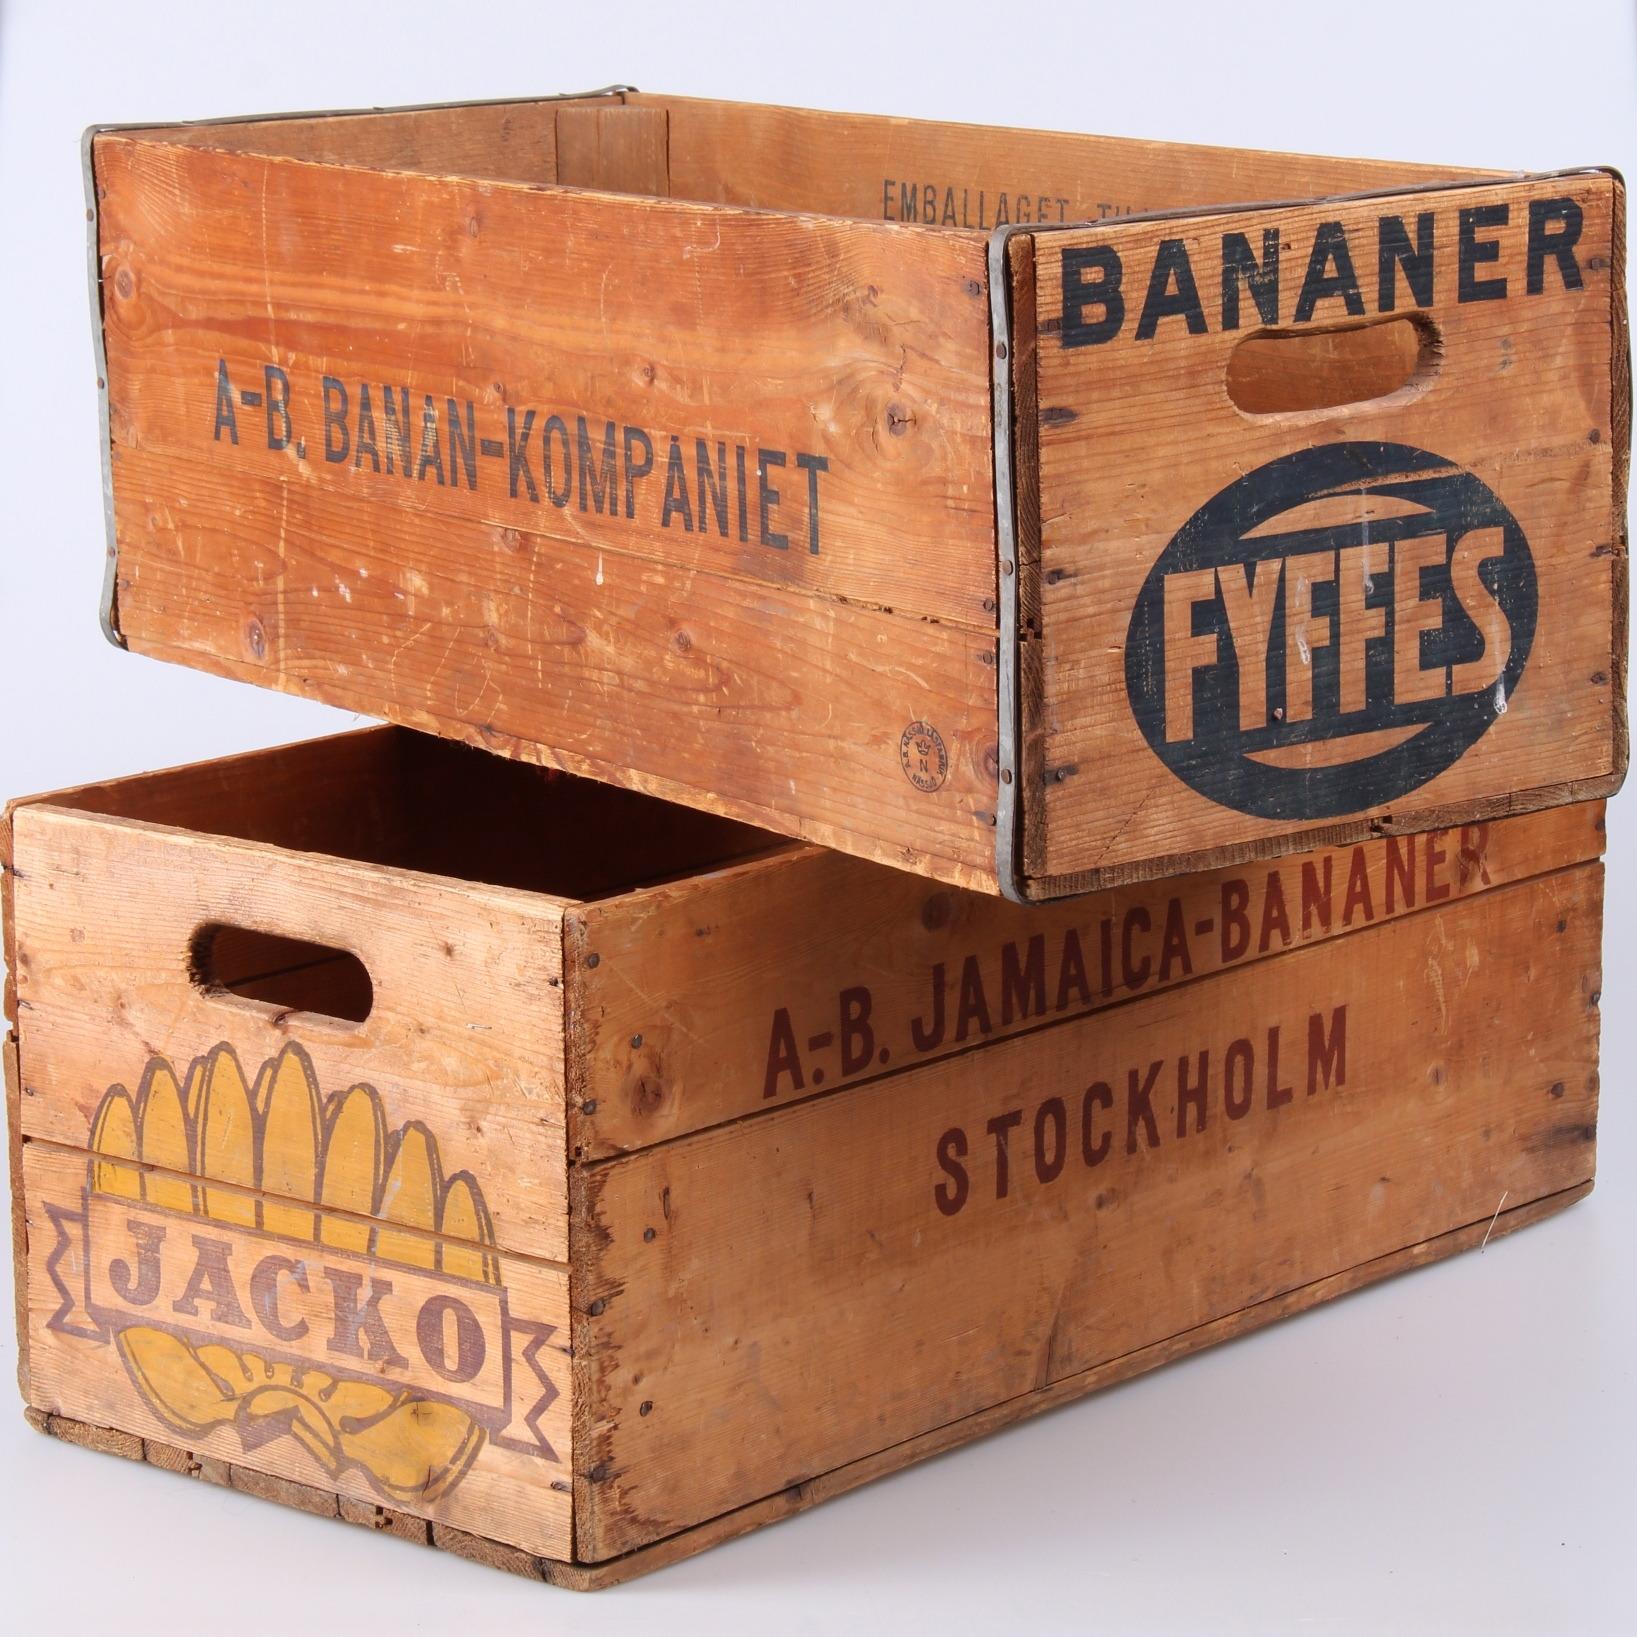 Bilder för 185146. TRÄLÅDOR, 2 st. bananlådor, Jacko och